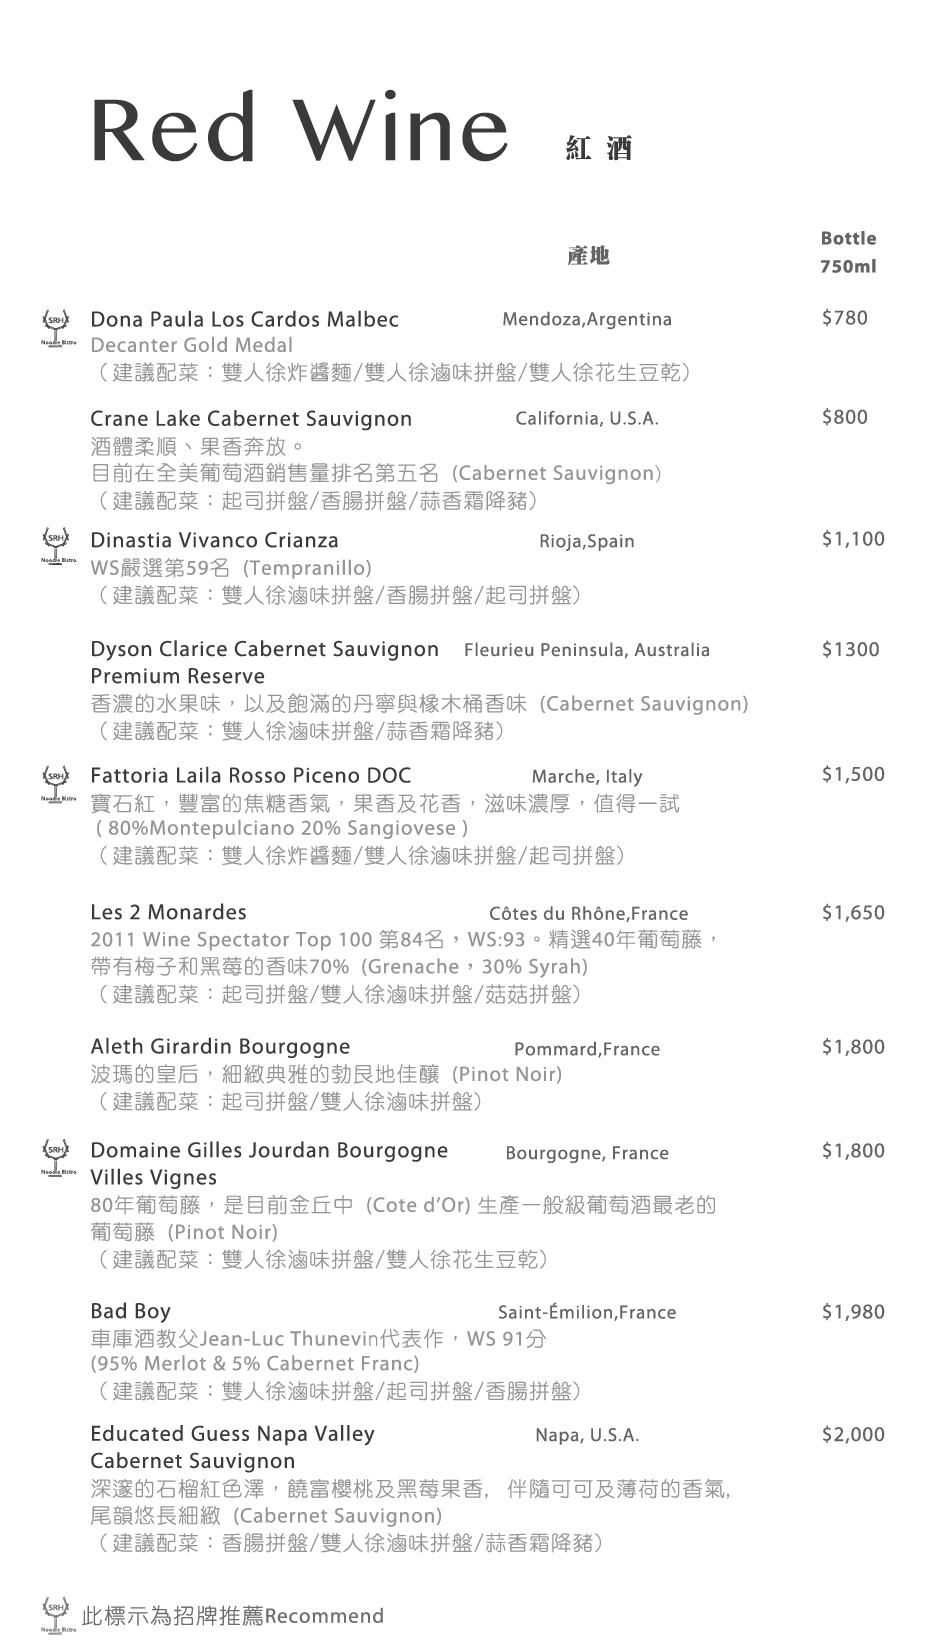 SRH new menu_酒水I_內湖_OL-06.png